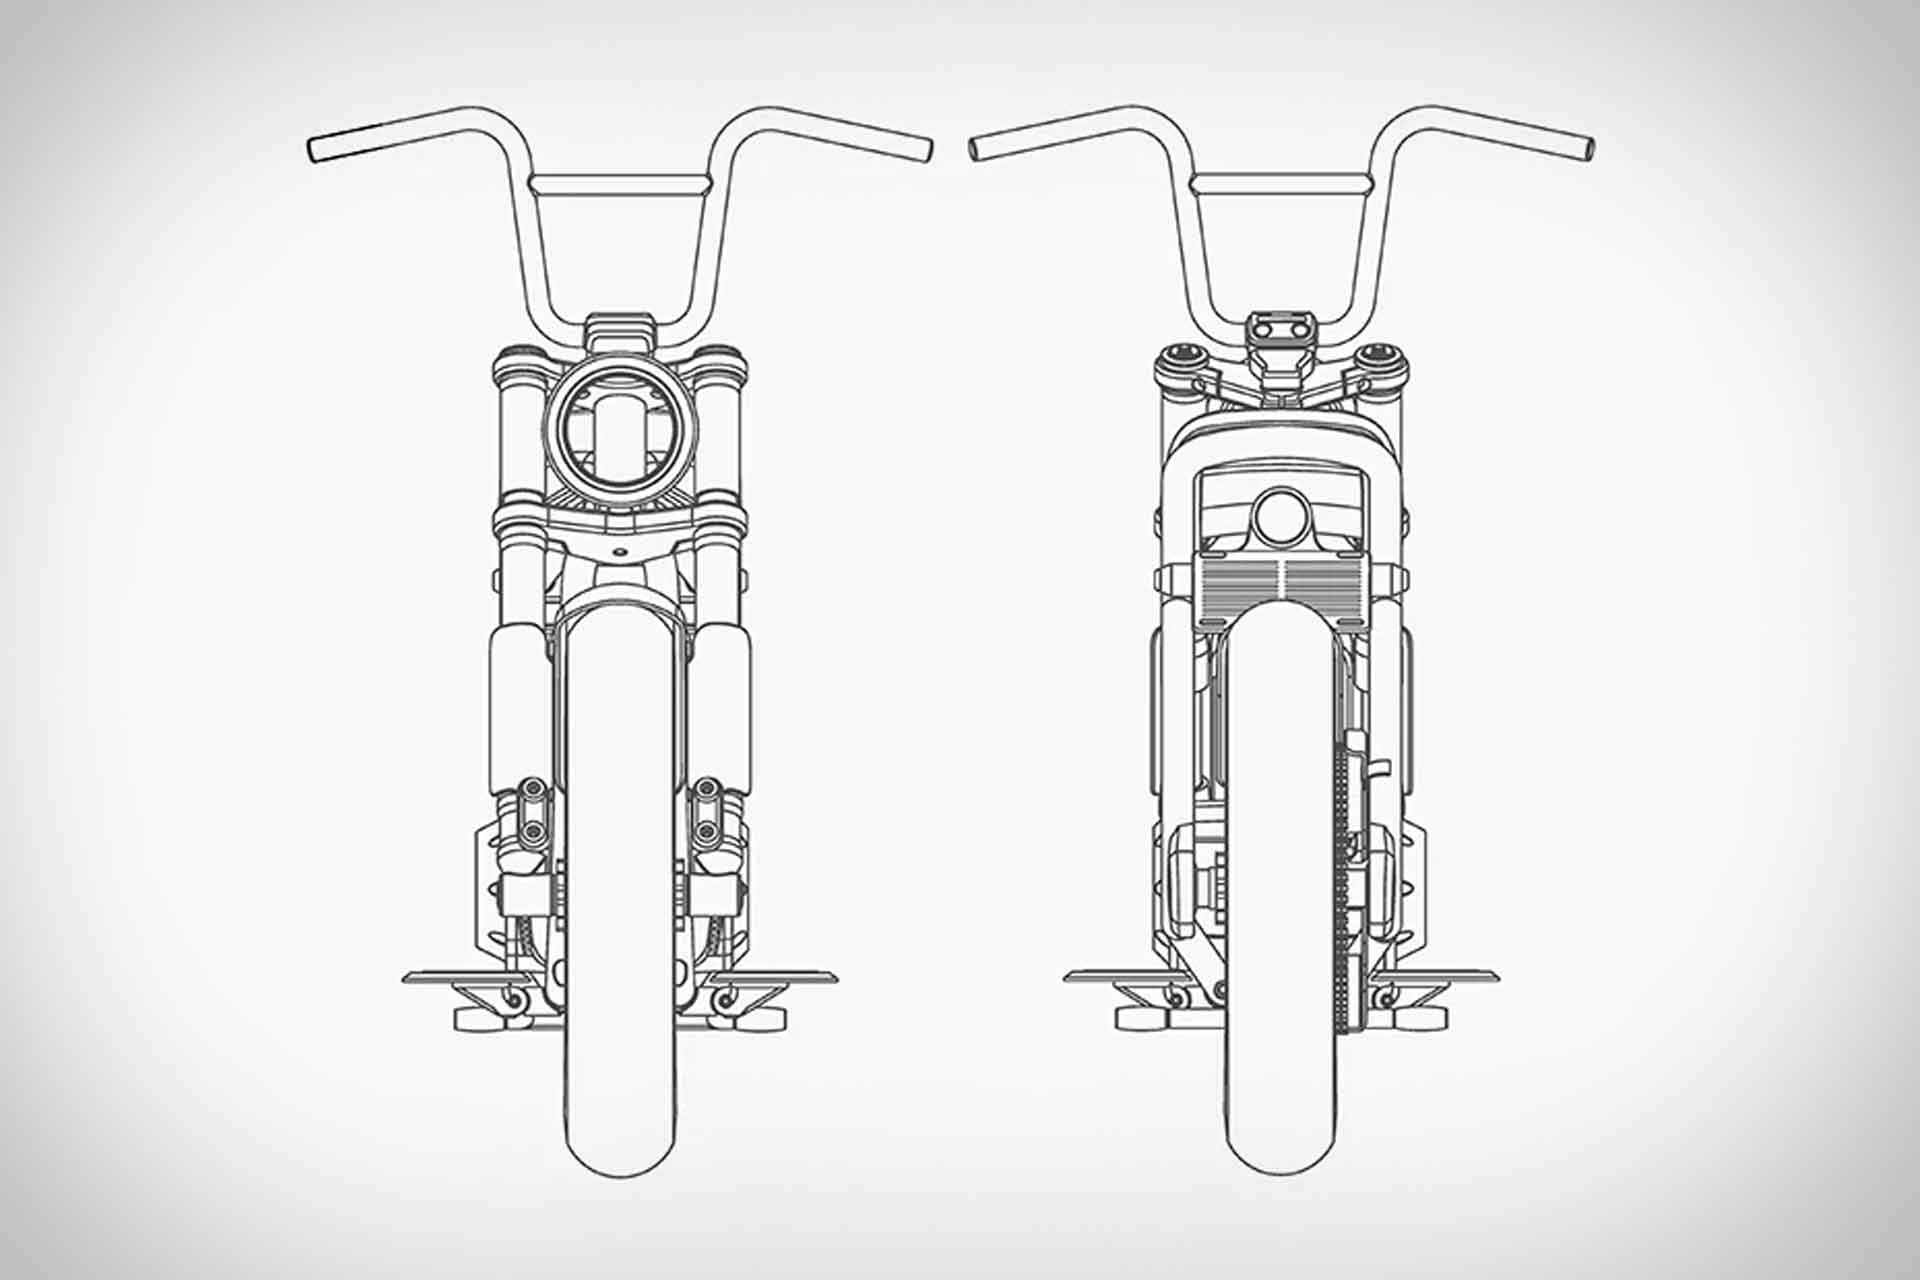 elektrische scooter, e-bike, harley-davidson